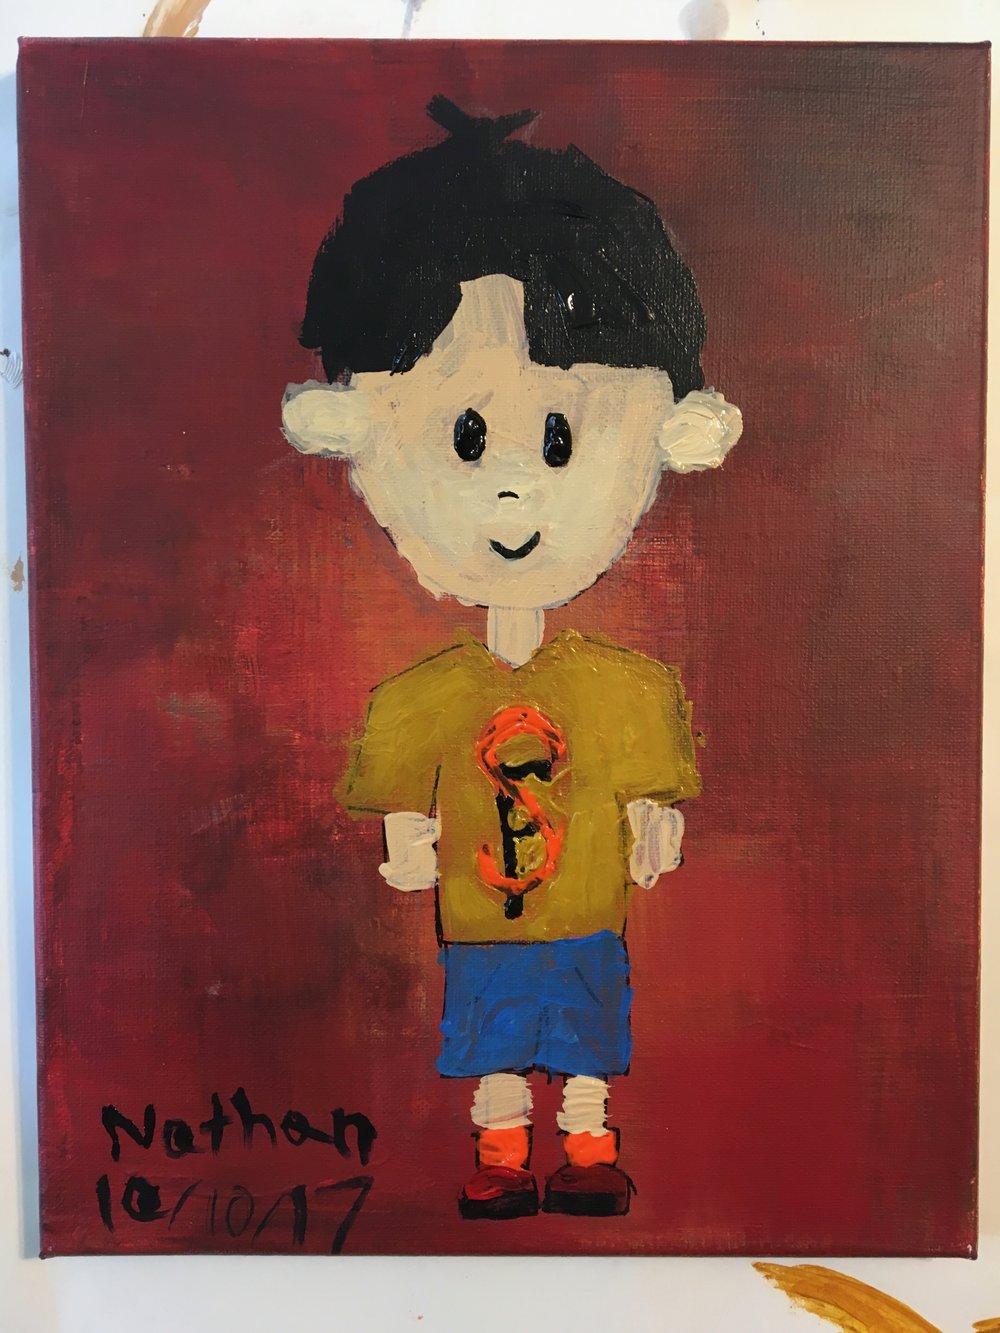 Acrylic paint, age 7